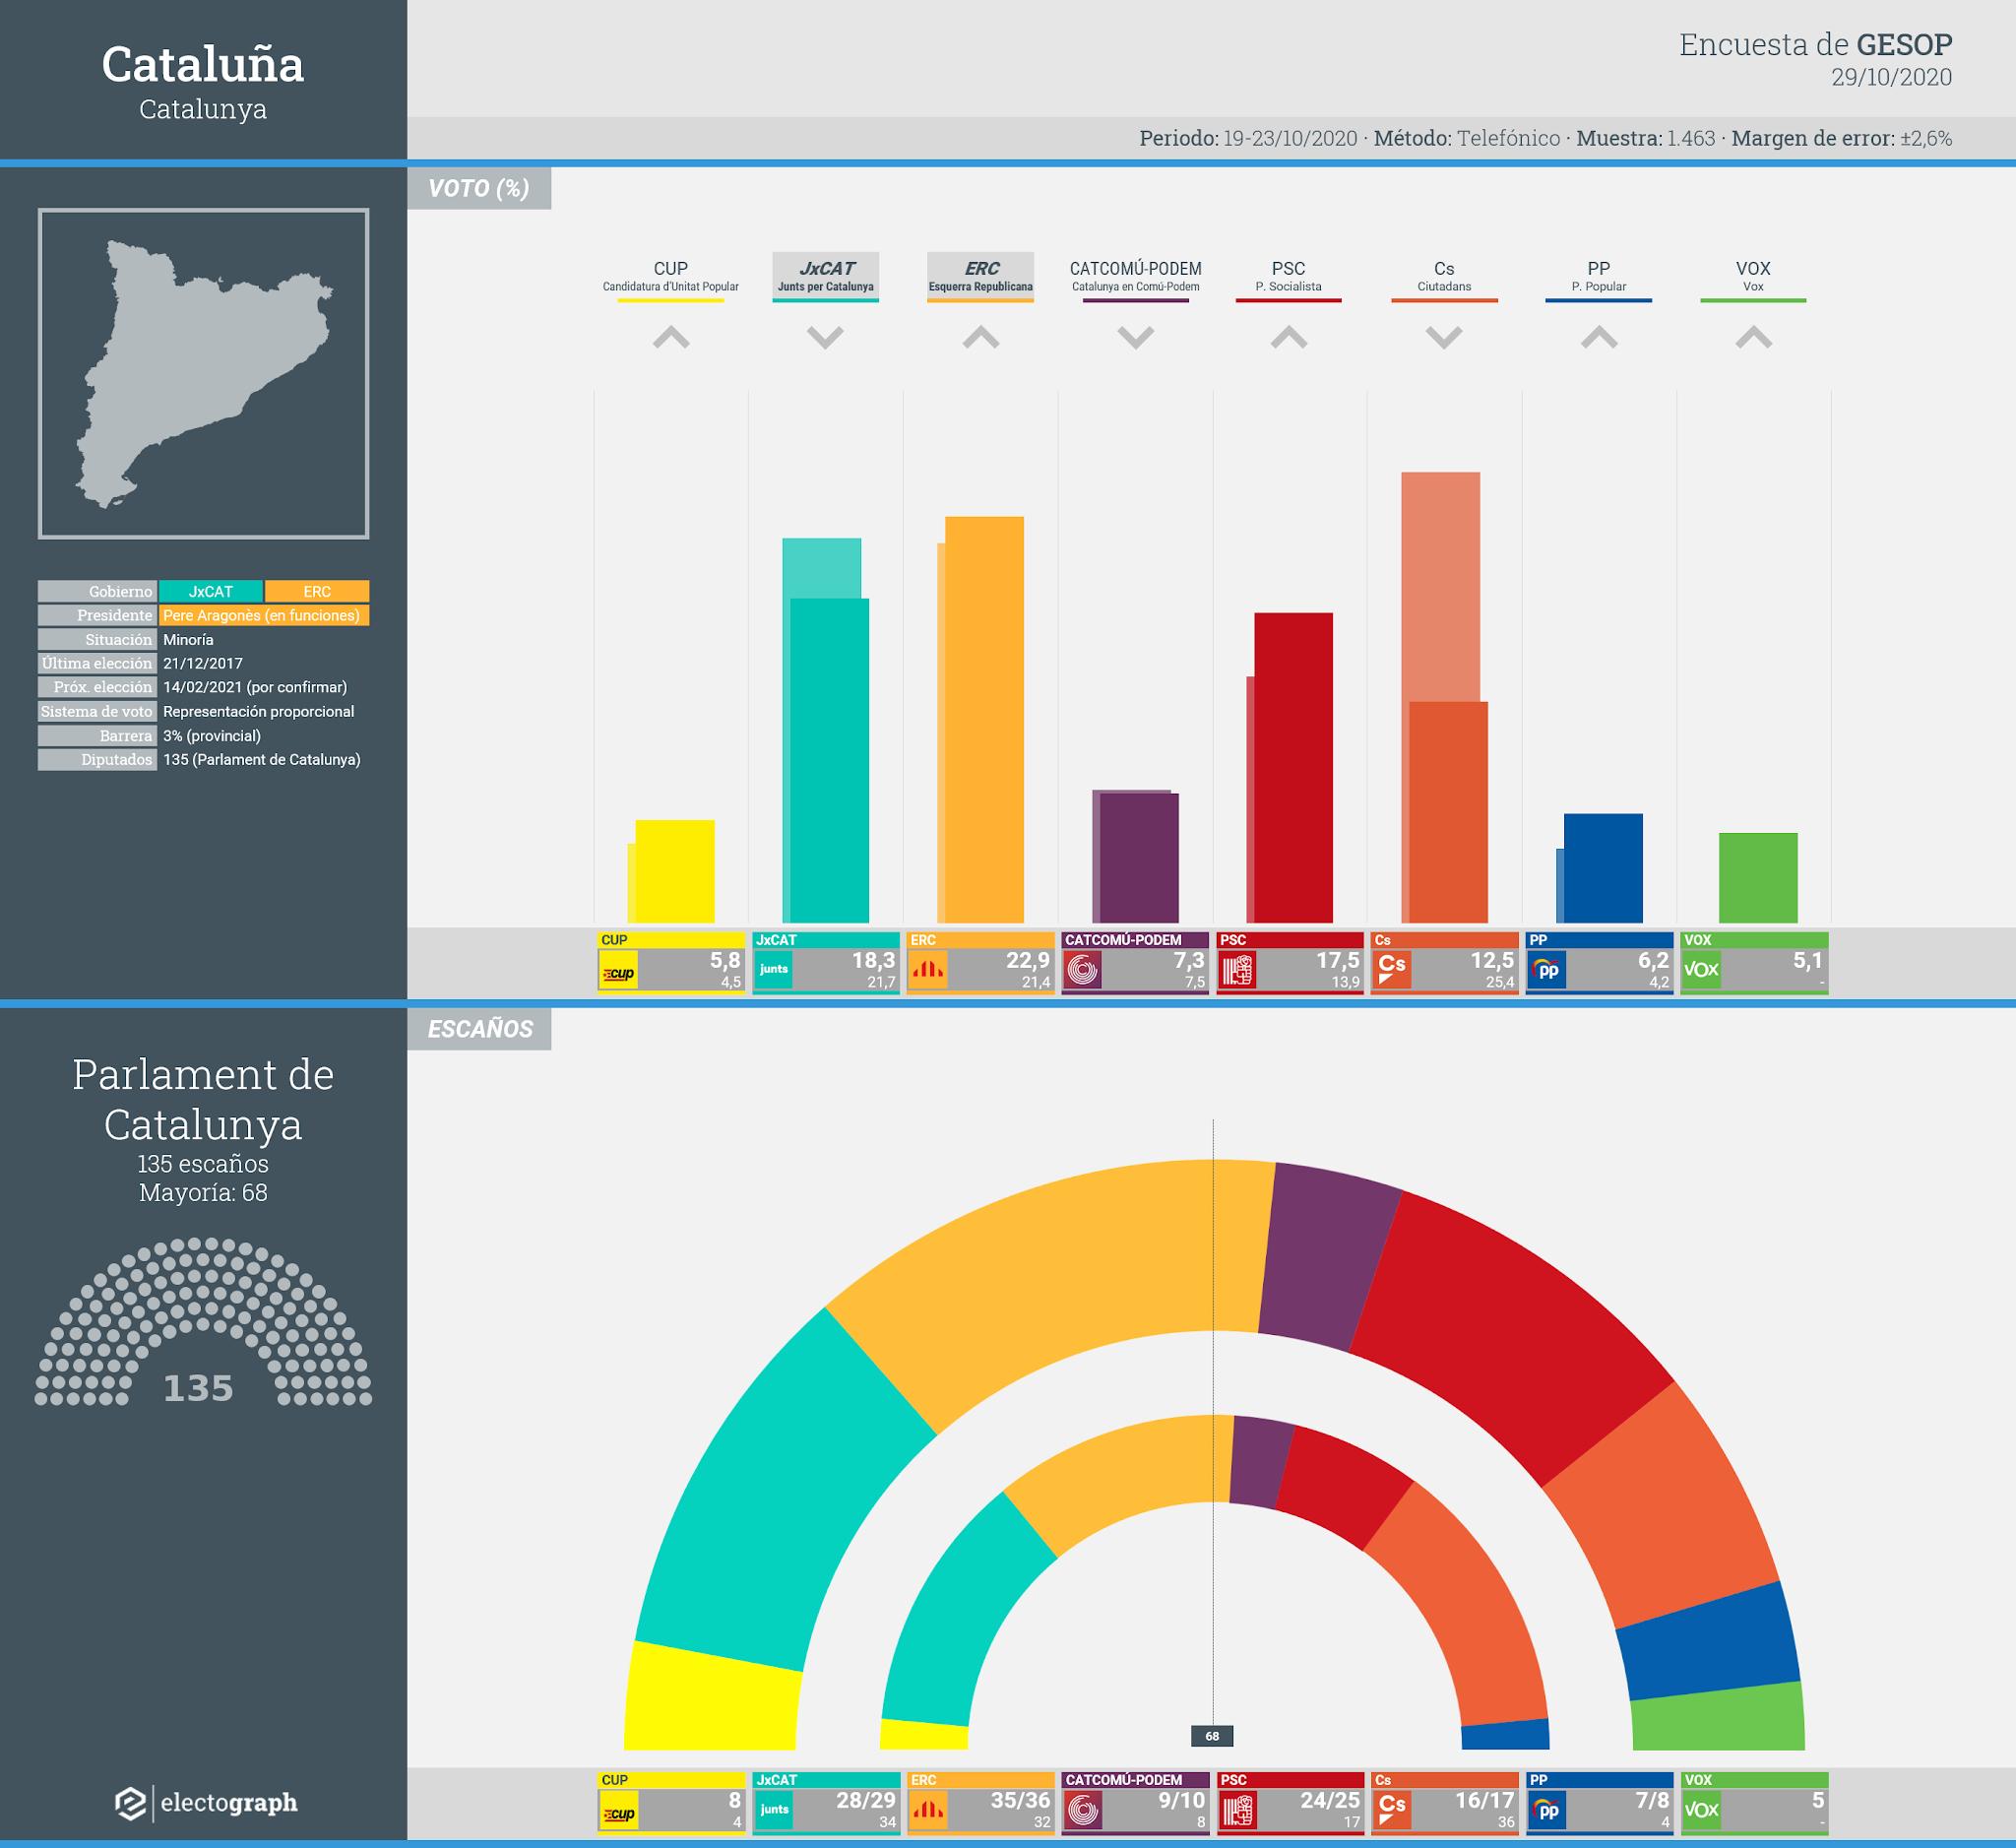 Gráfico de la encuesta para elecciones autonómicas en Cataluña realizada por GESOP, 29 de octubre de 2020